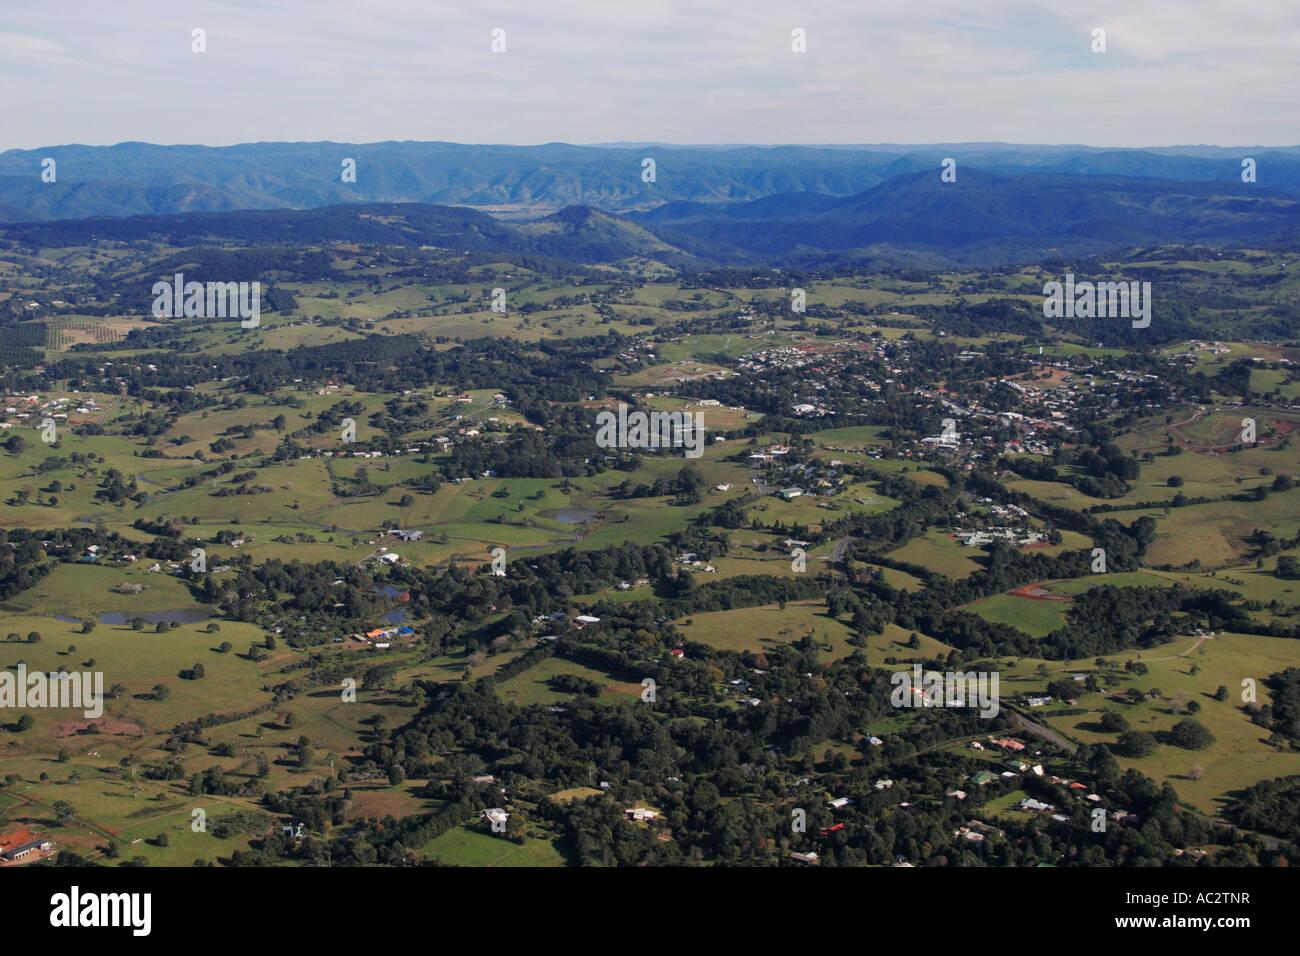 Maleny, Sunshine Coast Hinterland - Stock Image